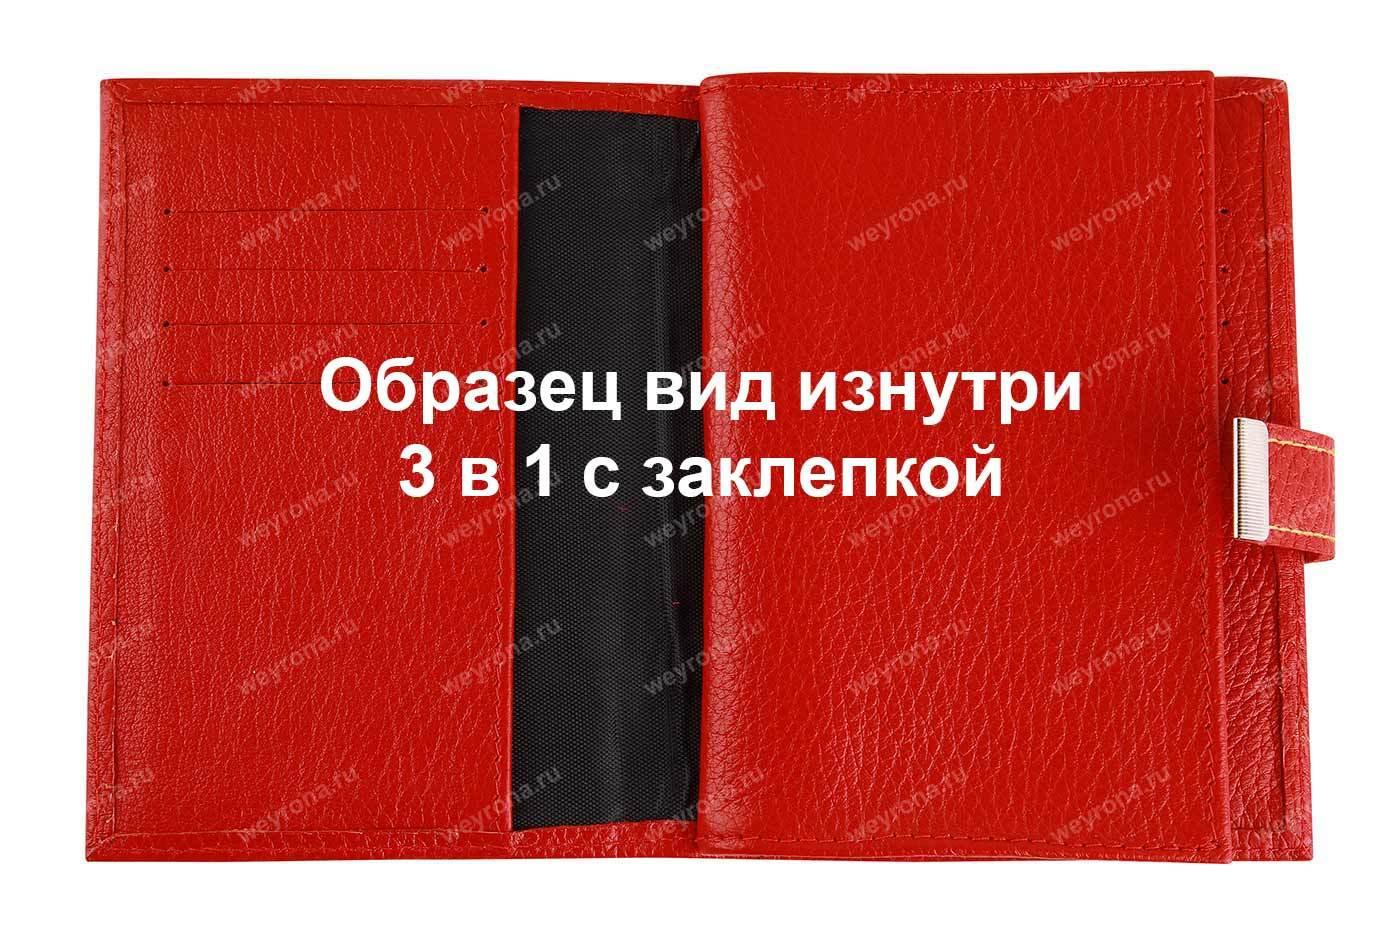 Обложка с заклепкой ФЛОТЕР БОРДО  3 в 1 (ТЕЛЯЧЬЯ КОЖА)